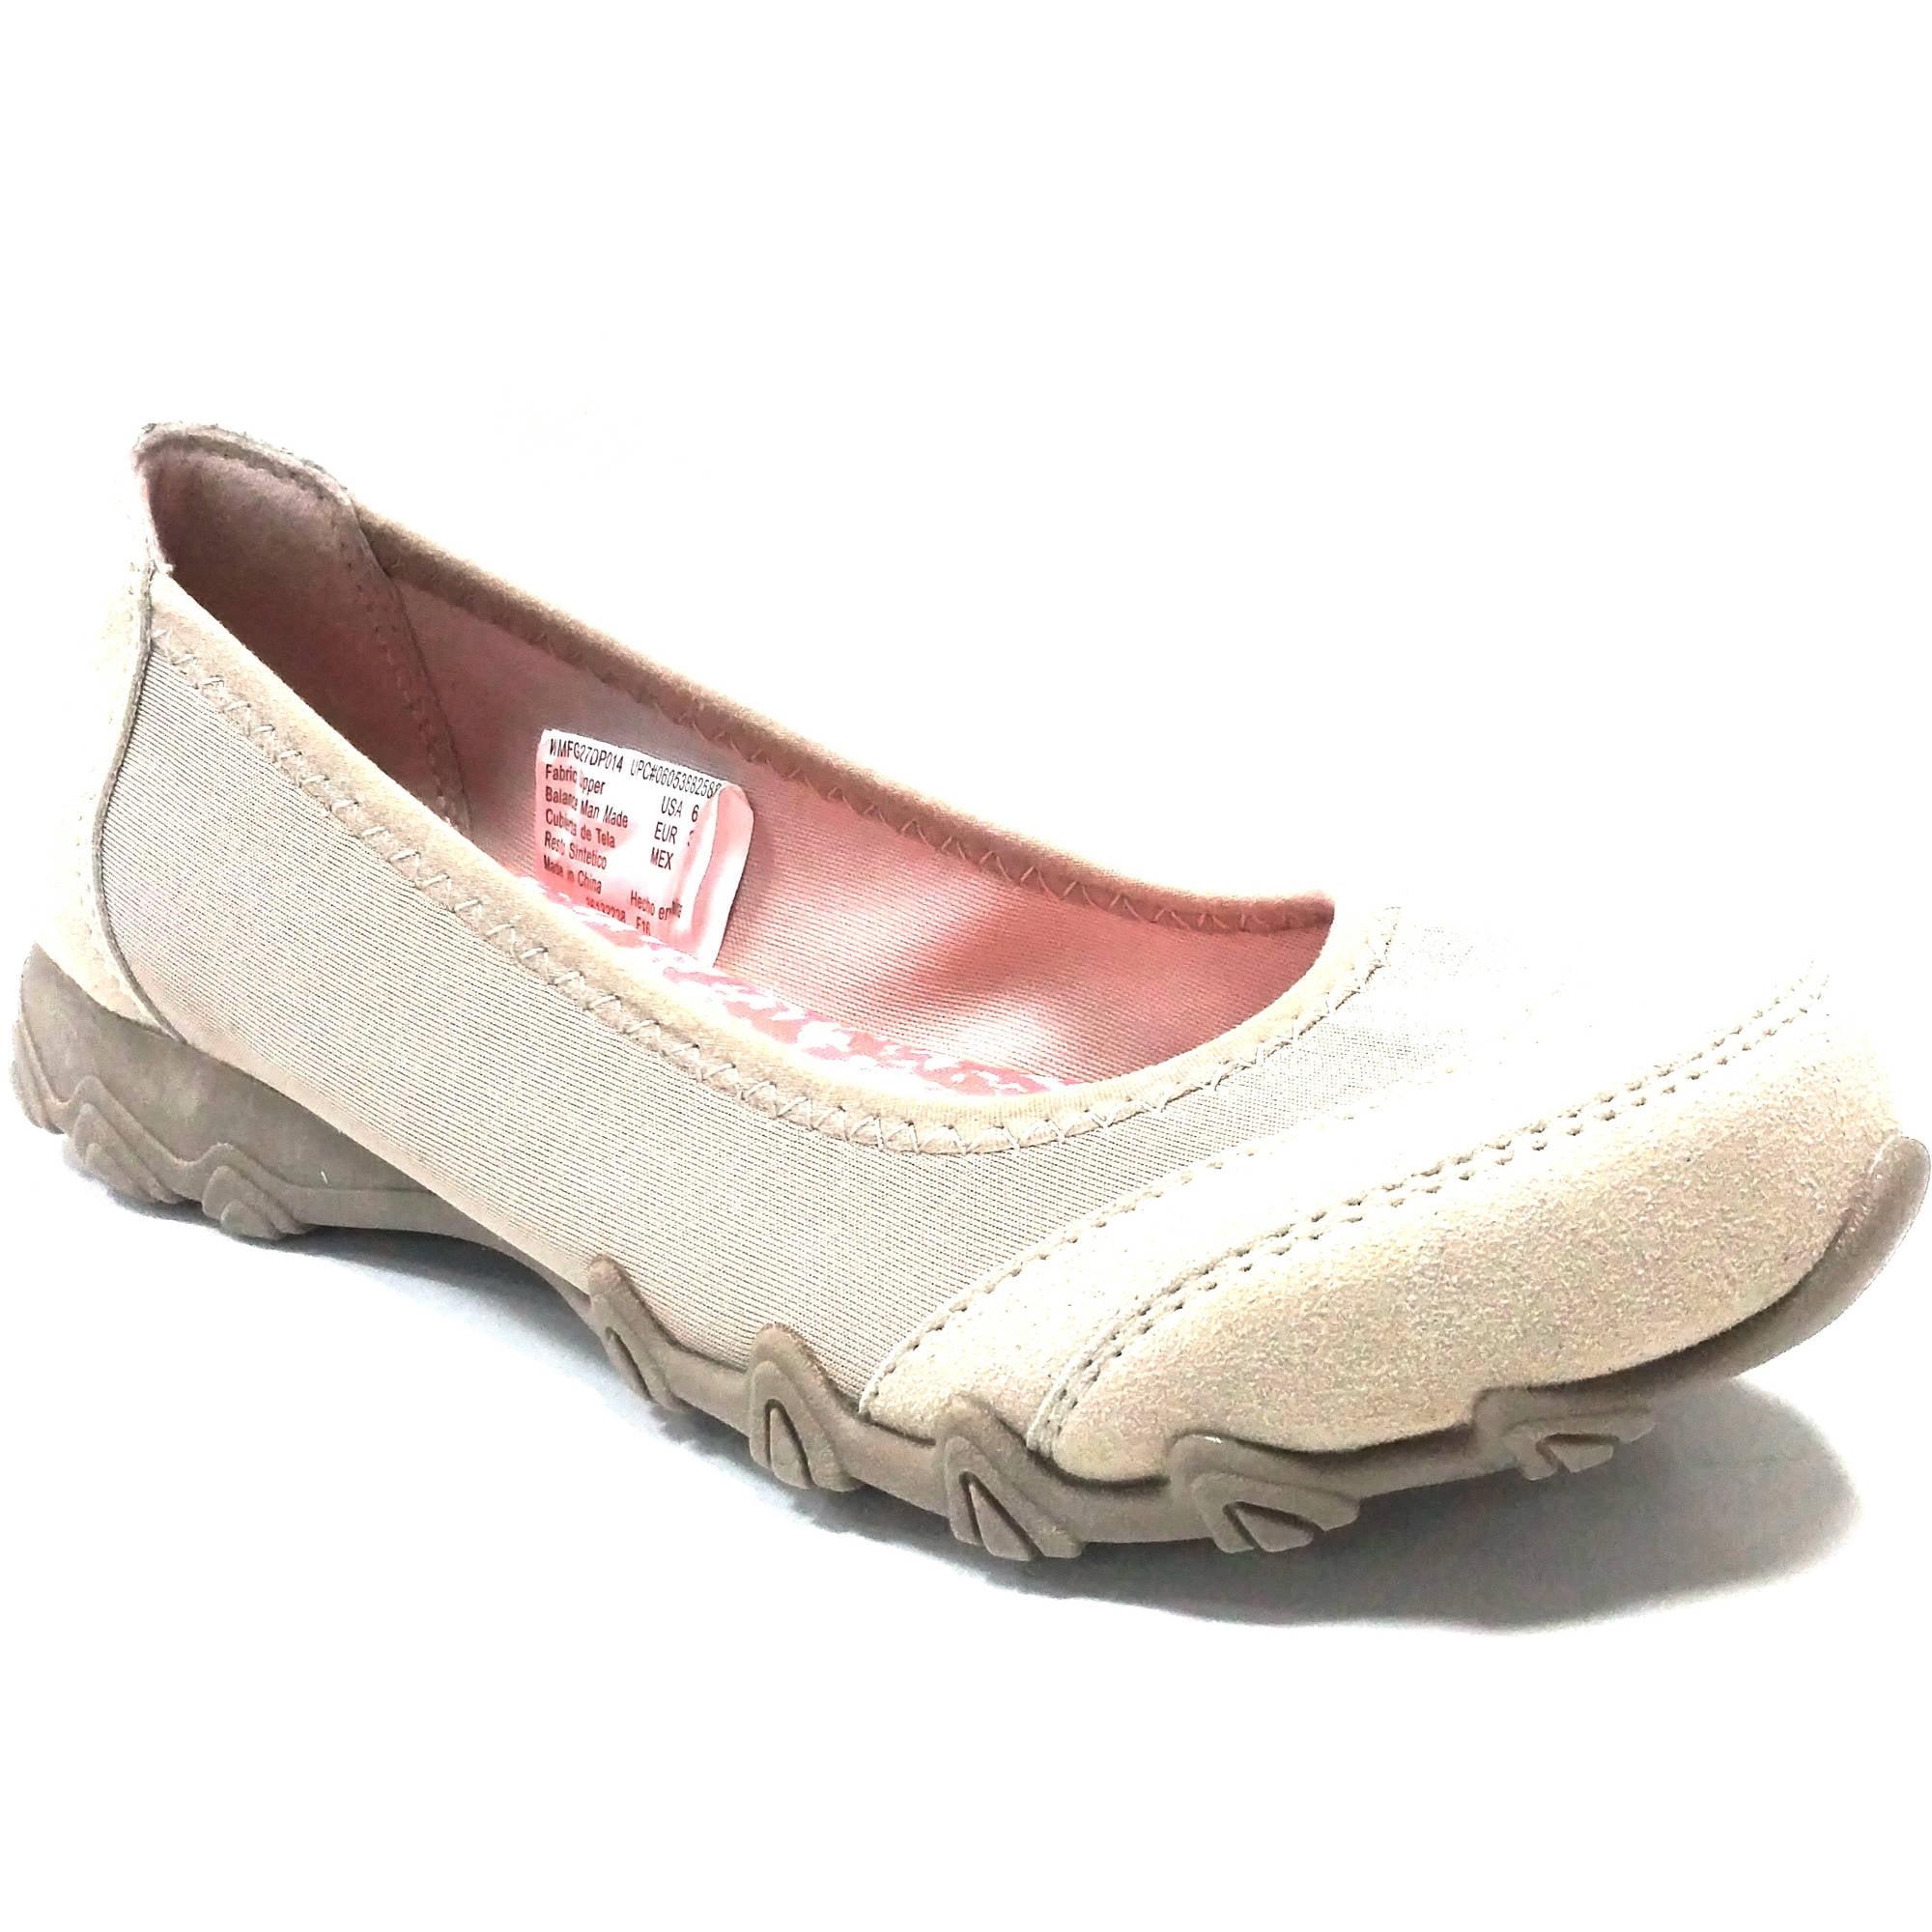 Faded Glory Sport Ballet Shoe by